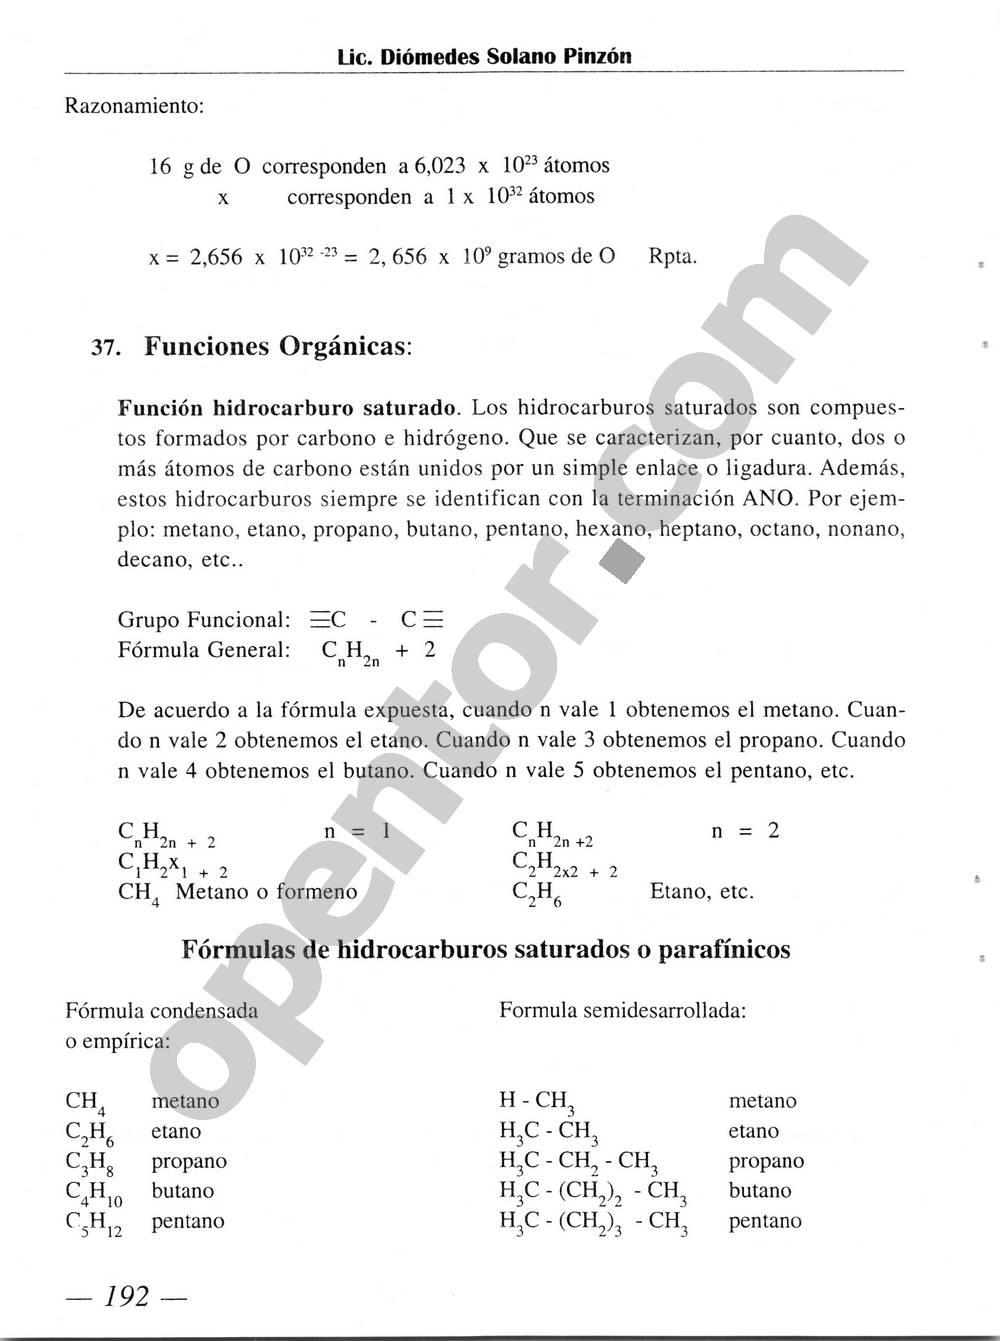 Química Simplificada de Diómedes Solano - Página 192